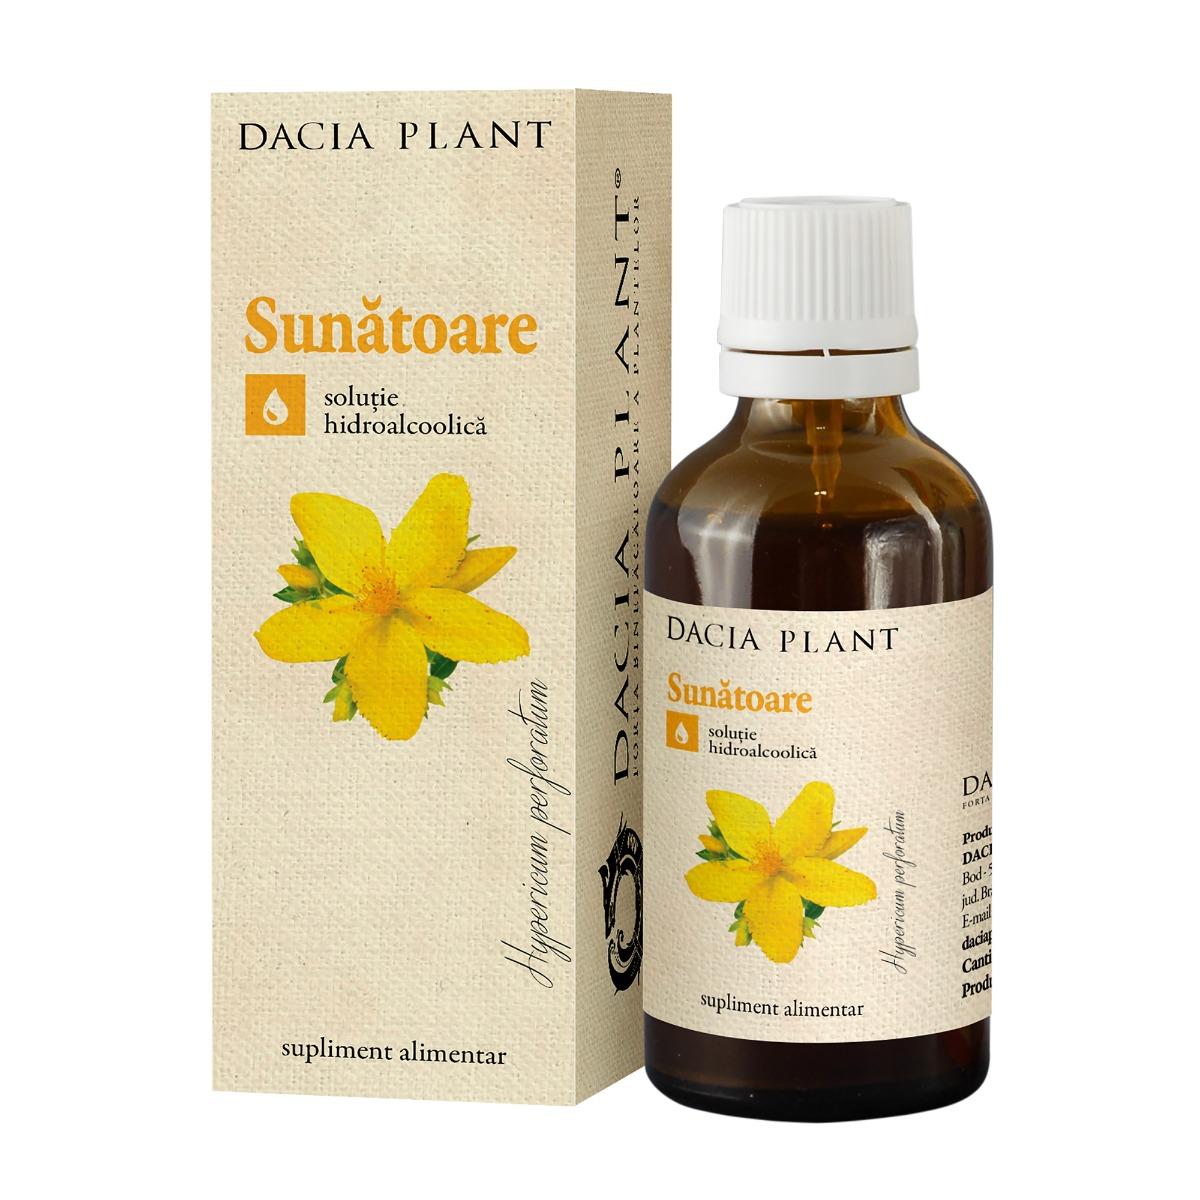 Tinctura de sunatoare, 50ml, Dacia Plant drmax.ro